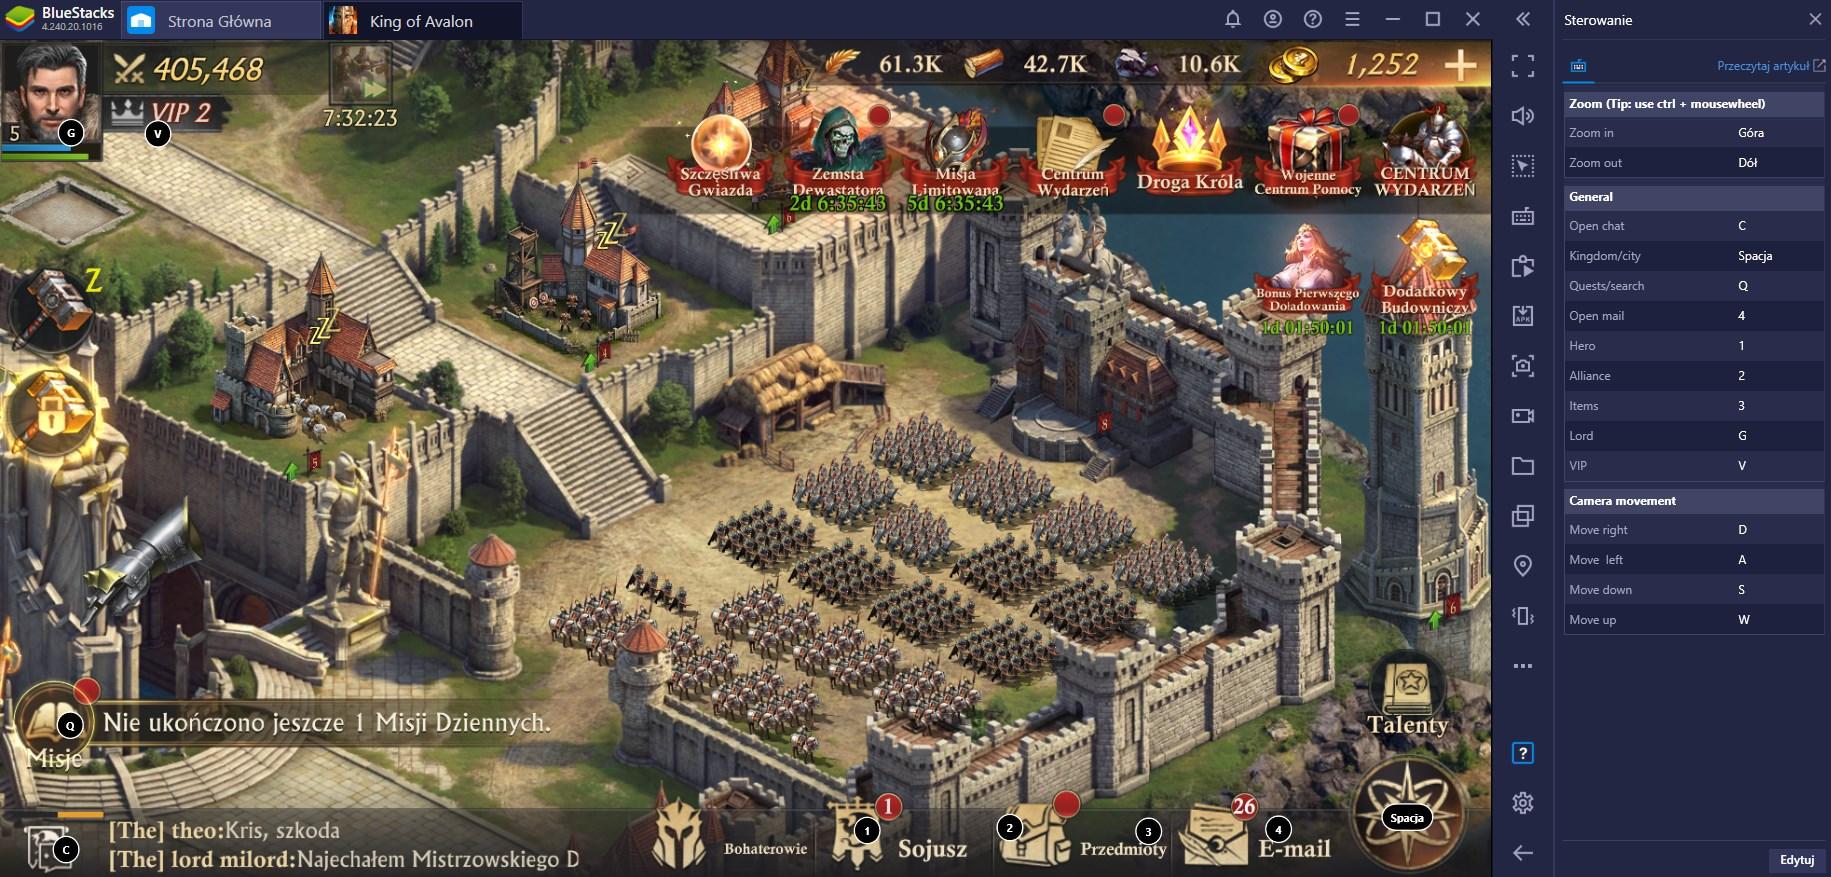 Stawanie się władcą w King of Avalon: poradnik Setupu dla Przyszłych Lordów